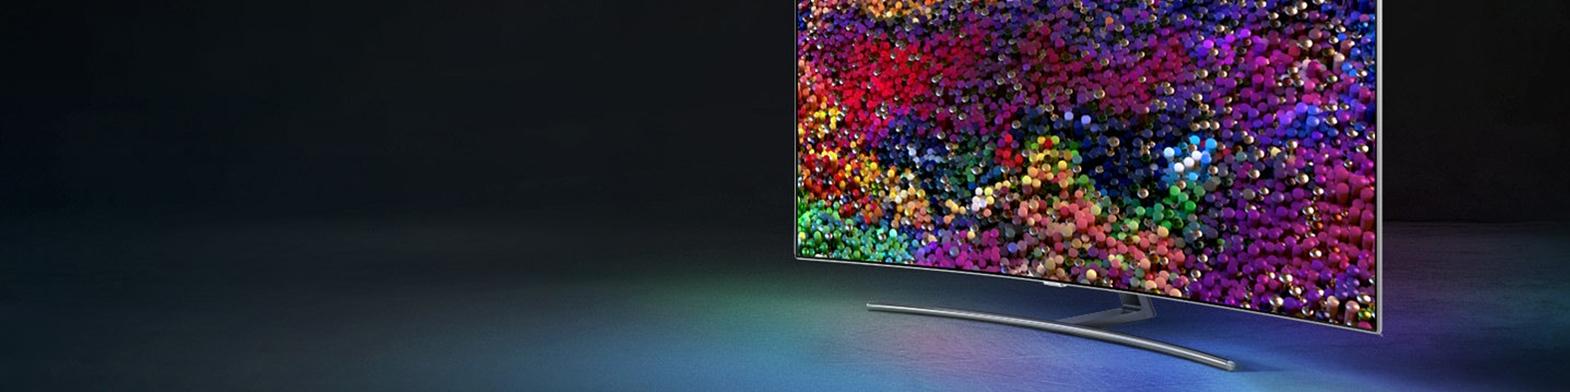 Samsung_QLED-TV-sfeerbeeld-4000x1000